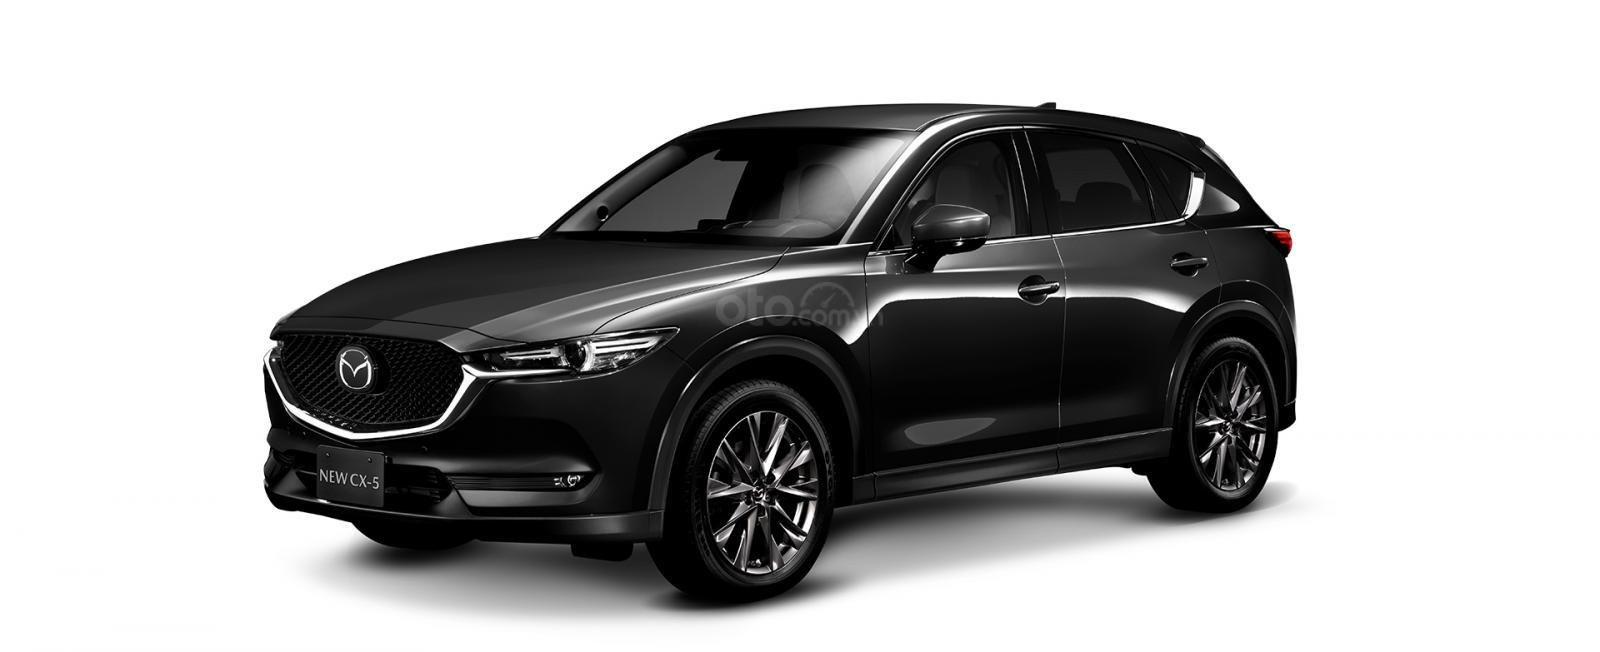 Đánh giá xe Mazda CX-5 2019: Màu Đen.